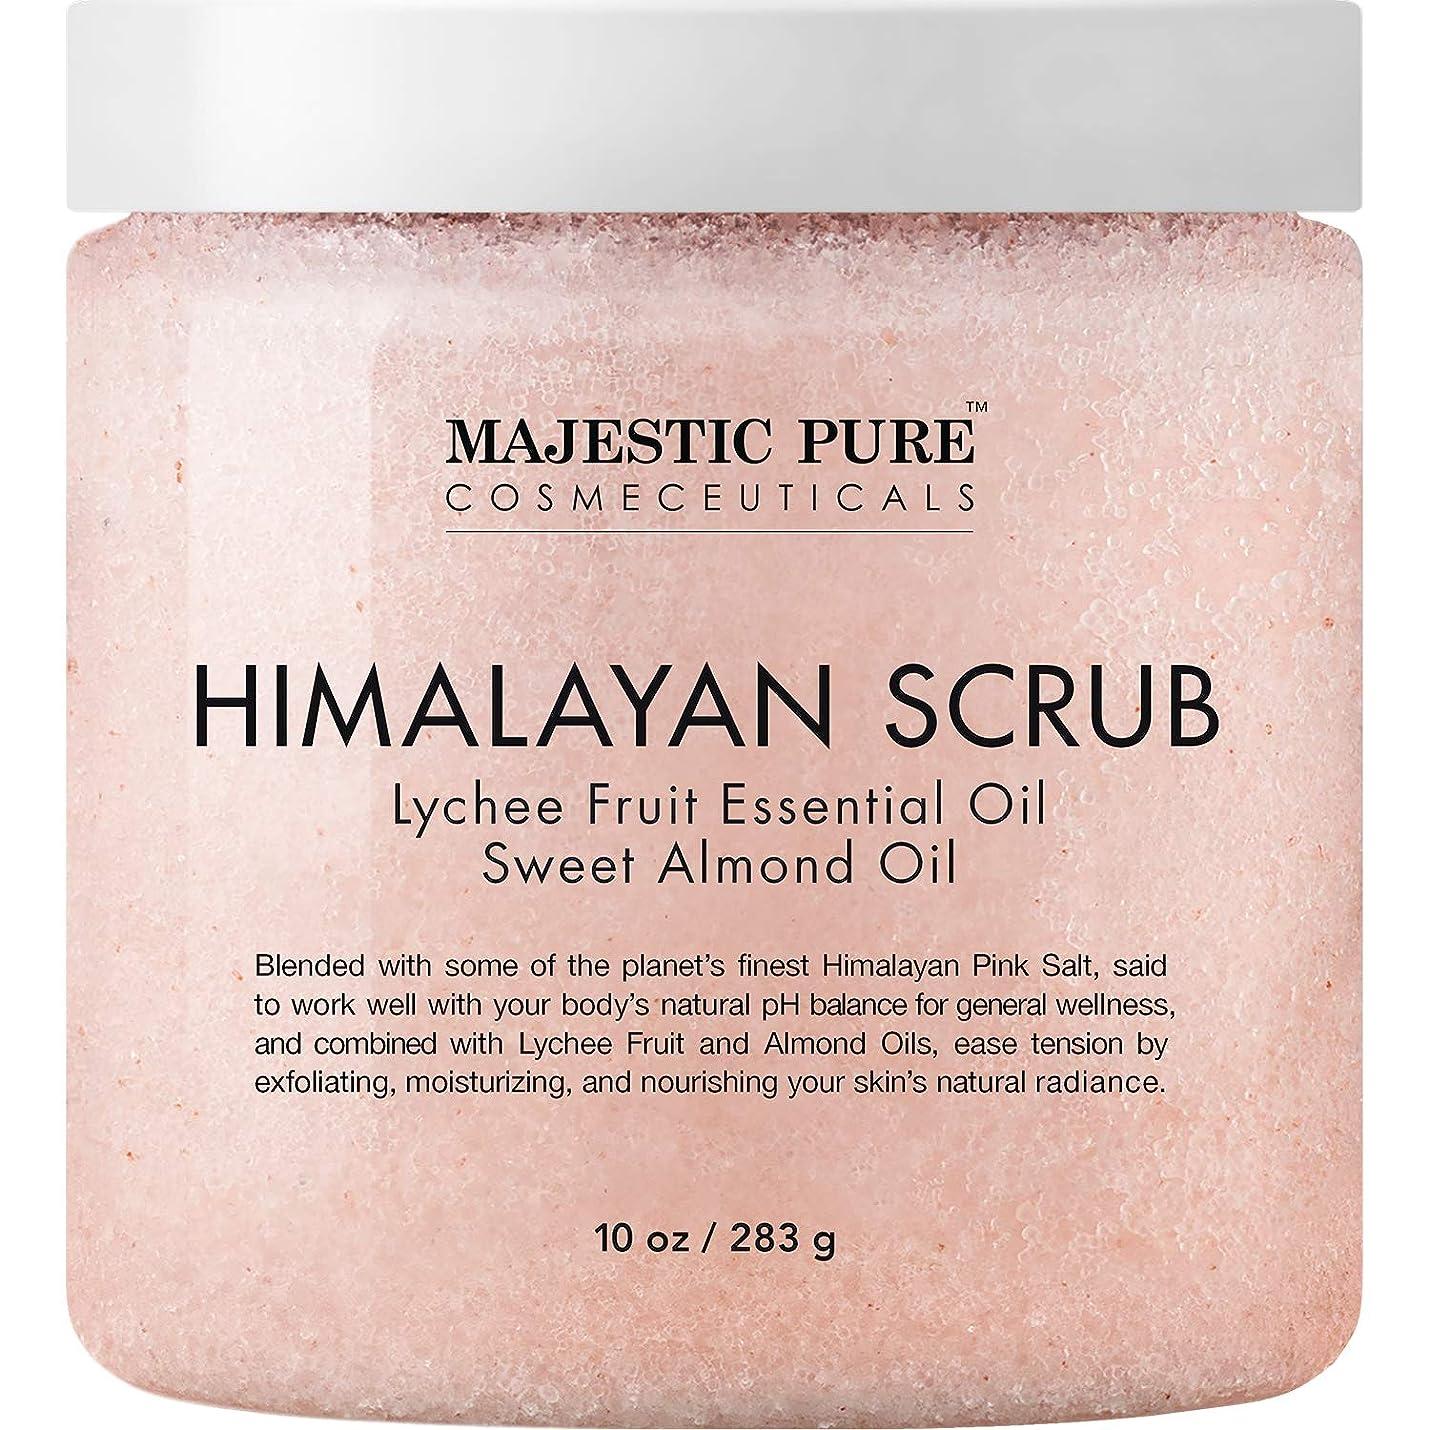 信じる蘇生する近所のHimalayan Salt Body Scrub with Lychee Essential Oil 10 oz 283g ヒマラヤンソルトスクラブ ライチオイル